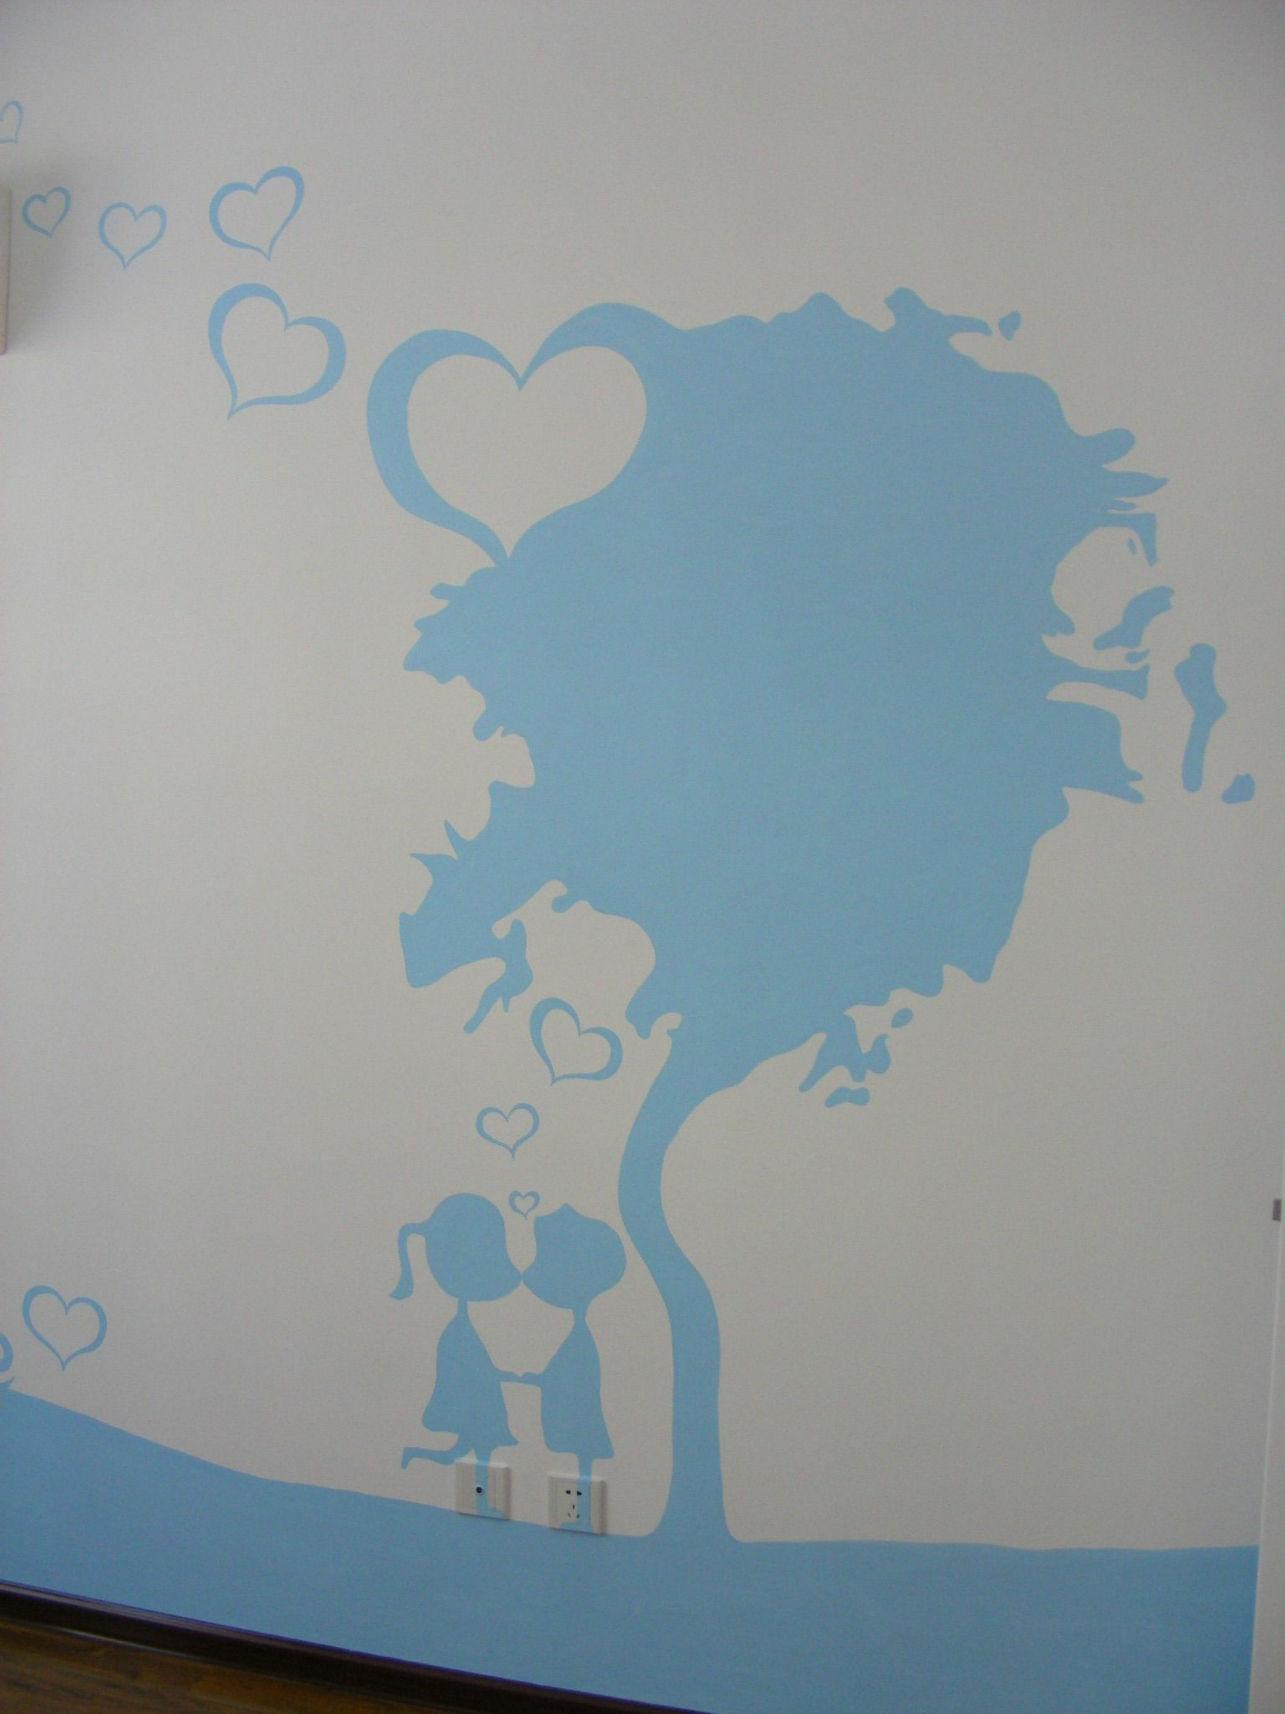 天津手绘墙画 - 天津世嘉视觉创意墙体彩绘工作室